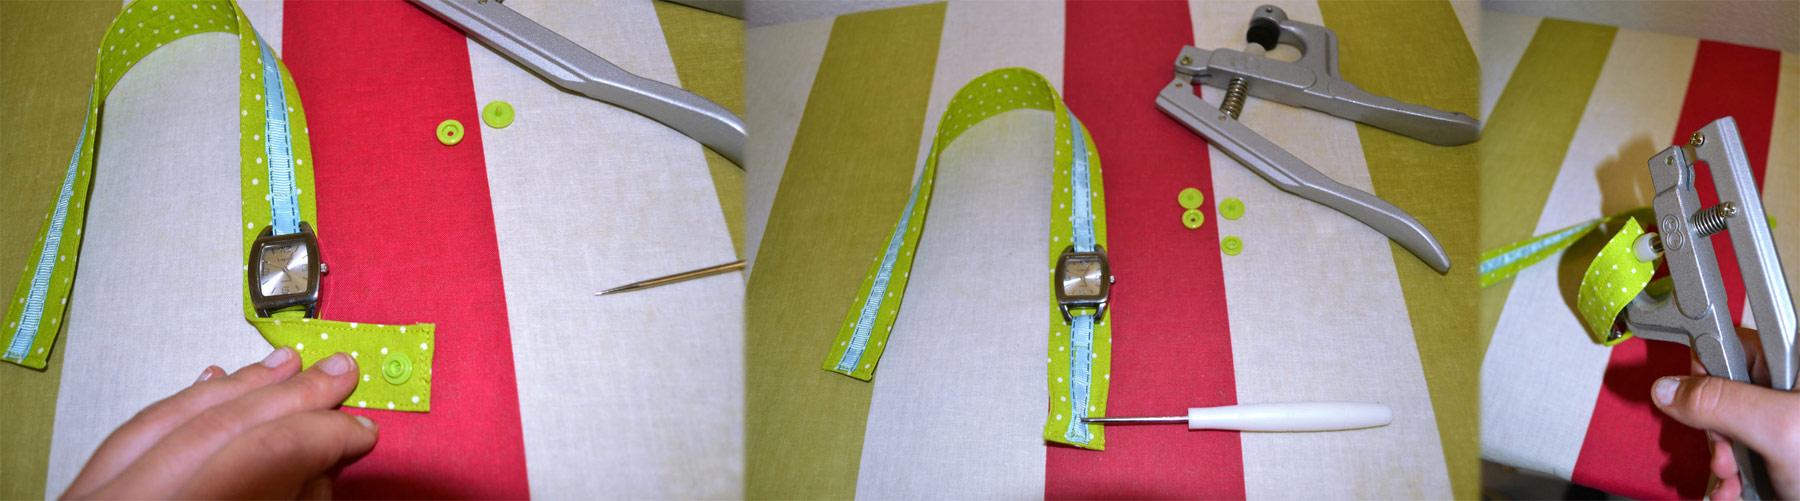 Armband umlegen, um den Platz des Druckknopfes zu markieren. Markierte Stelle durchpiecksen , Konpfteile aufstecken und mit der Zange festdrücken.